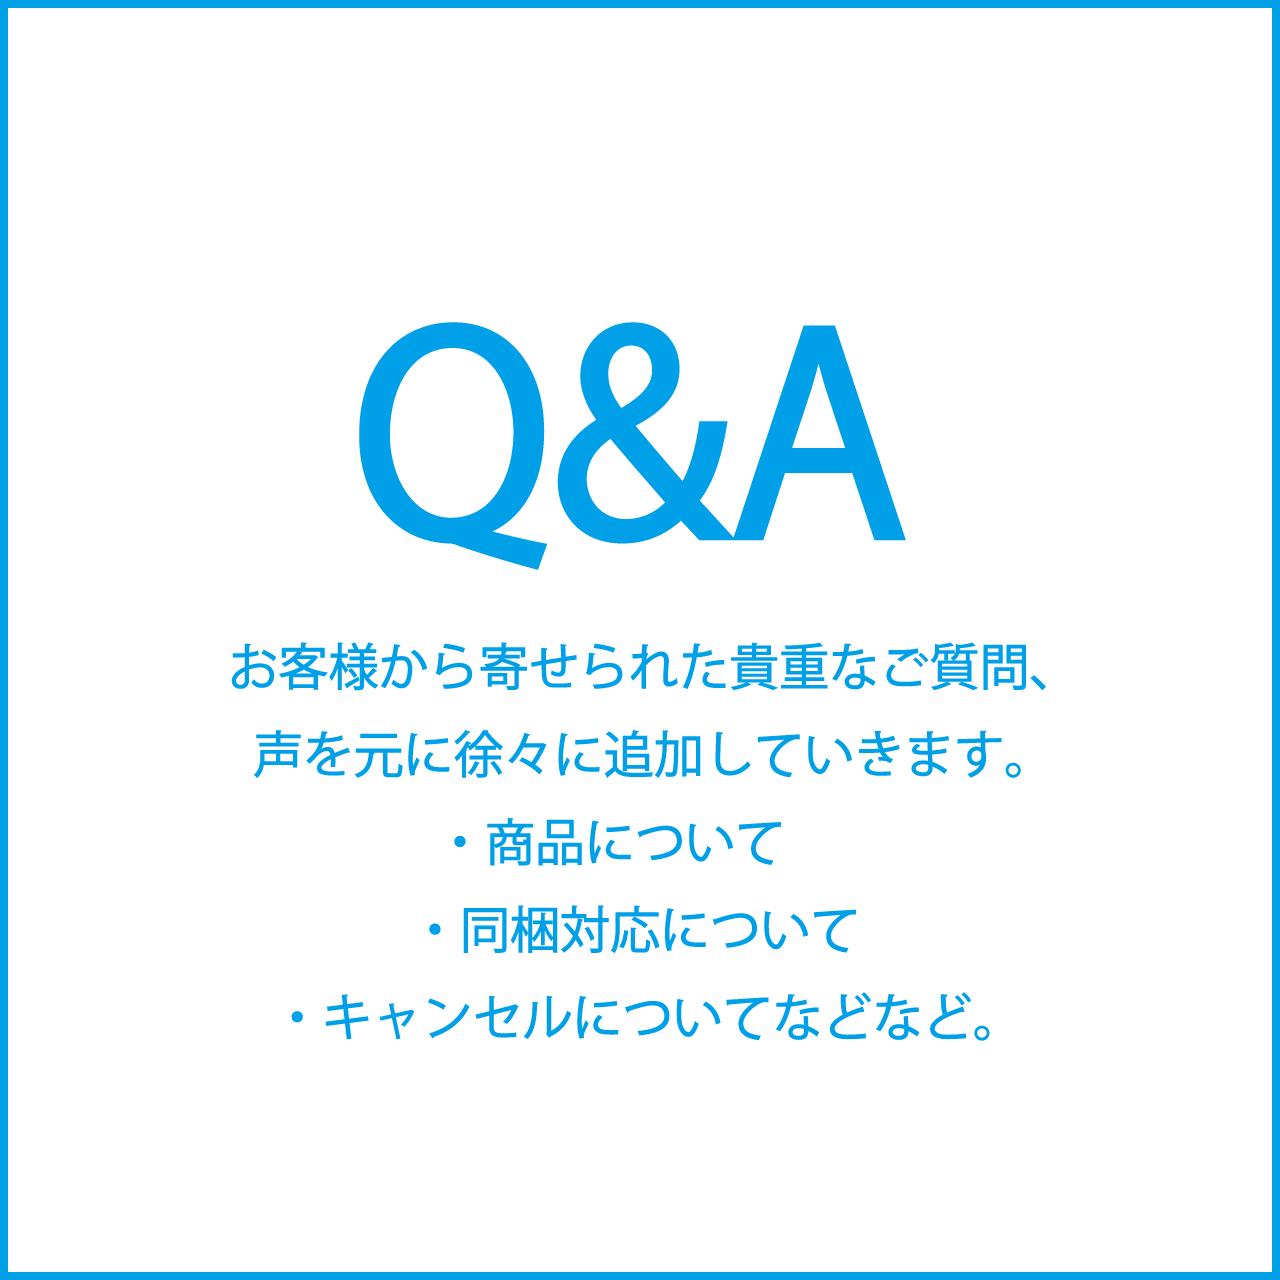 お客様から寄せられた Q&A。